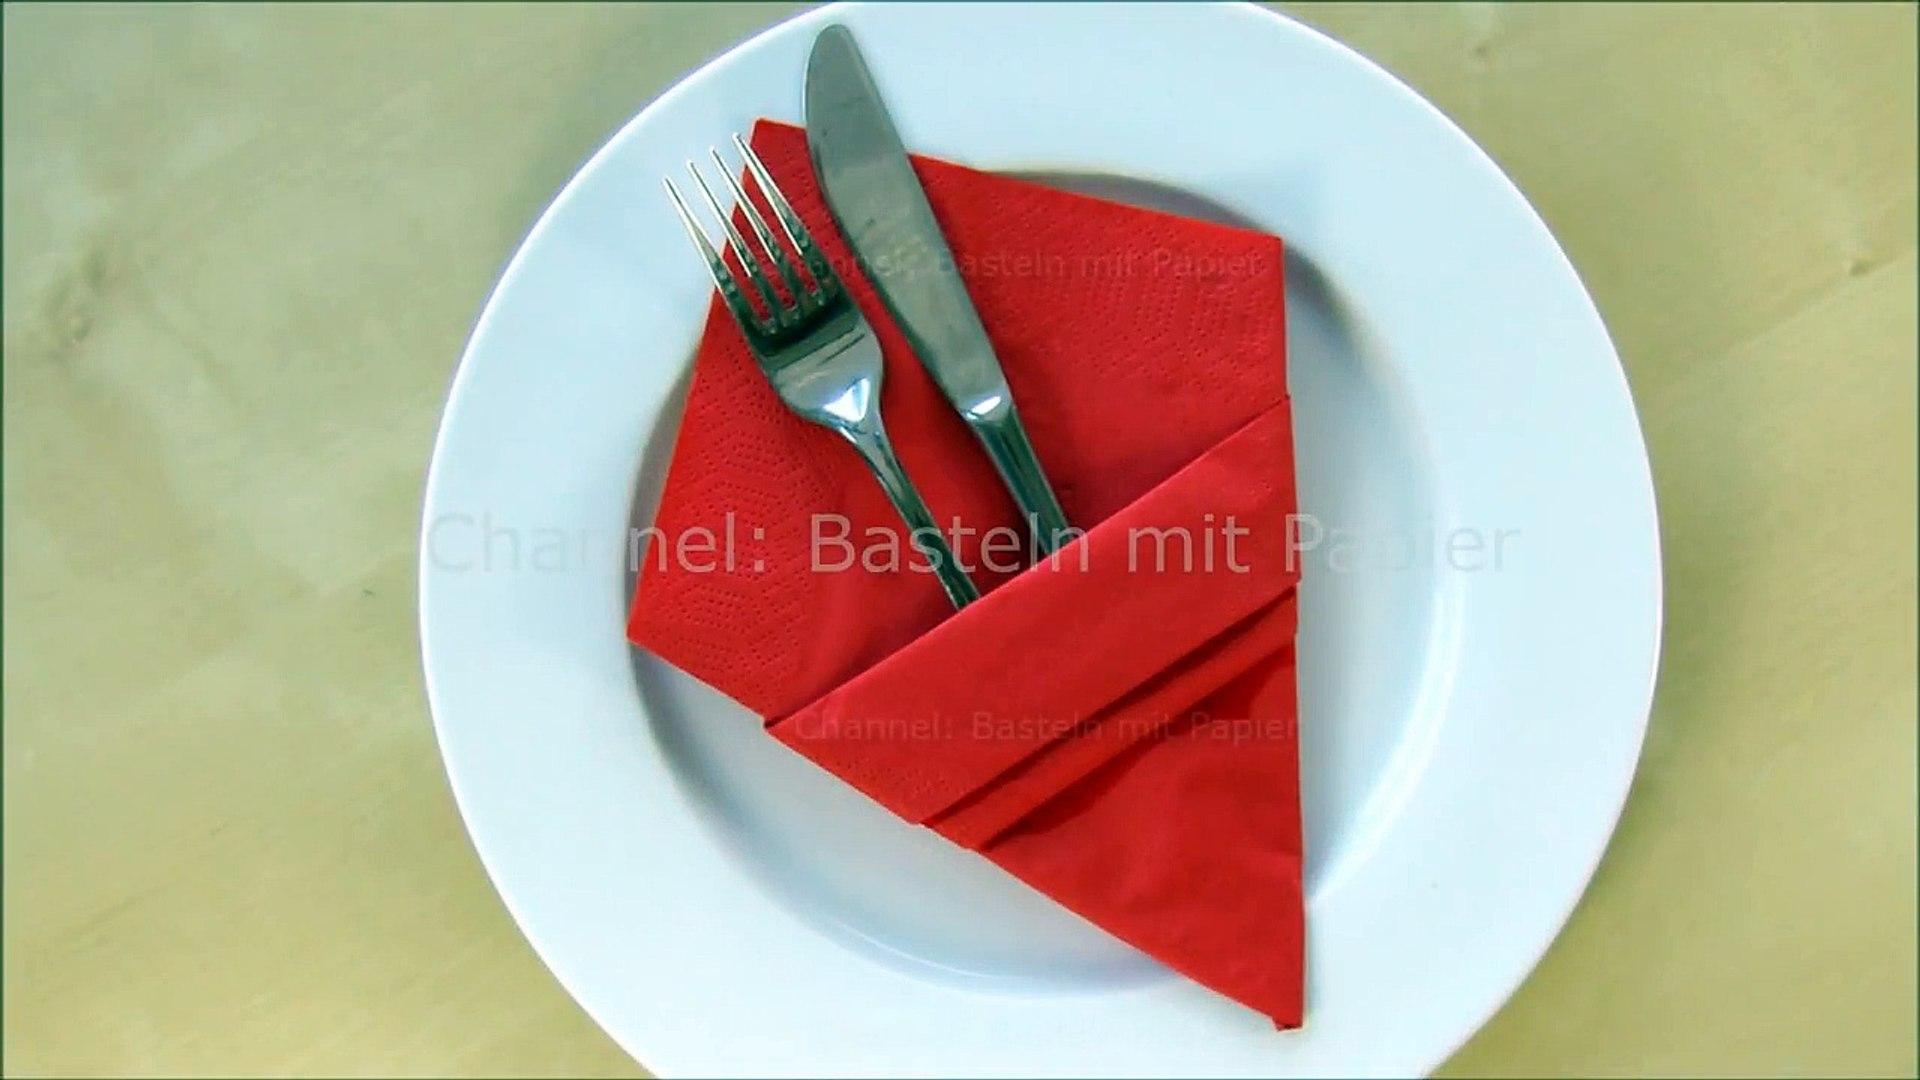 Servietten Falten Bestecktasche Einfache Diy Tischdeko Basteln Mit Papier Servietten Hochzeit Video Dailymotion